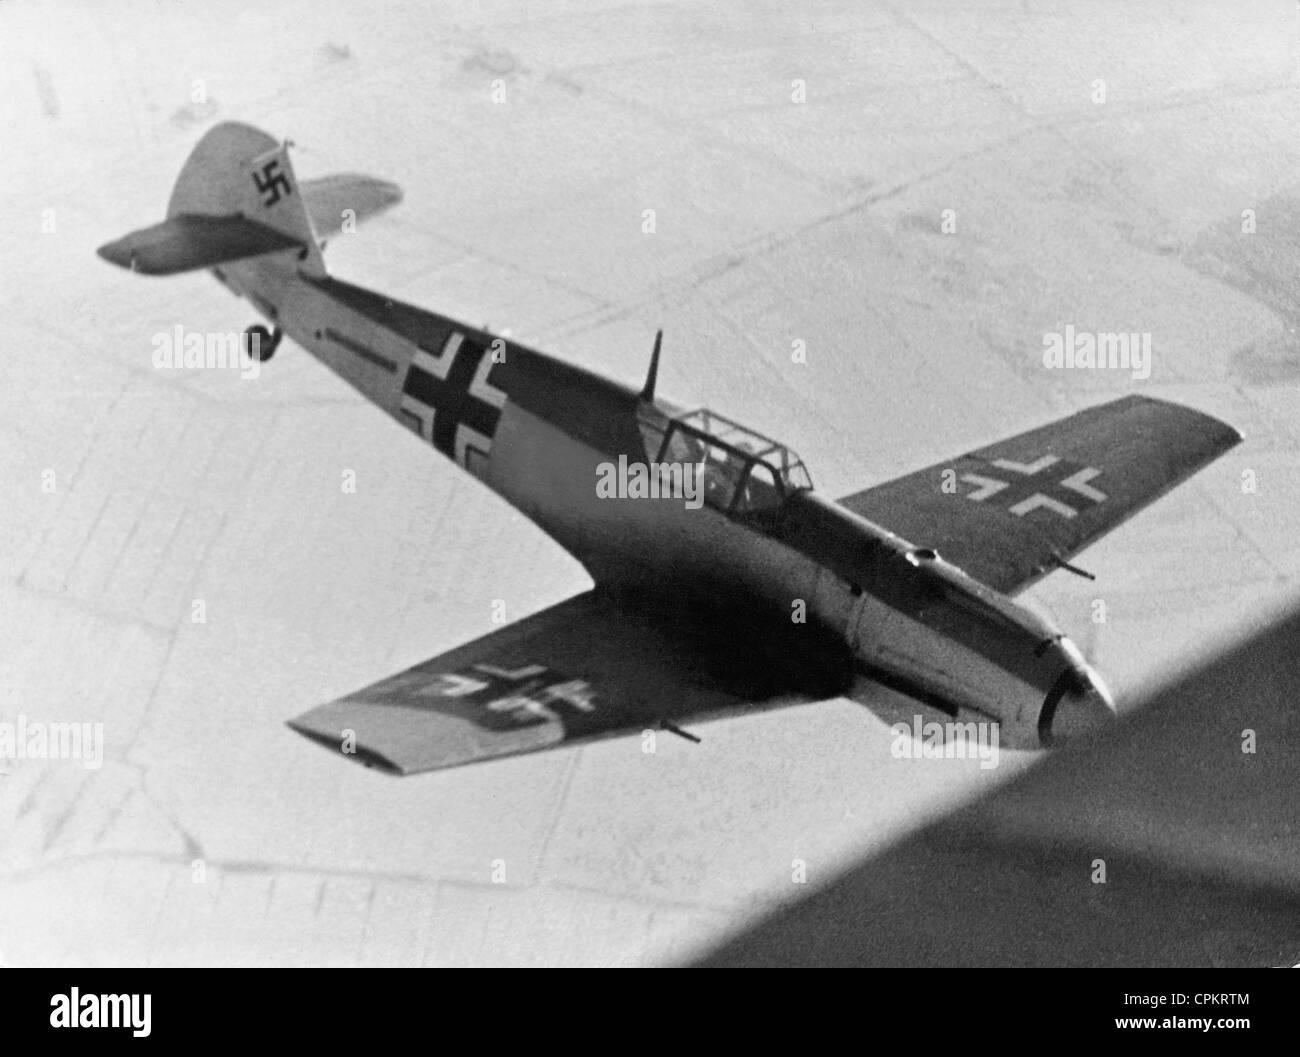 Messerschmitt Me 109 E, 1940 - Stock Image